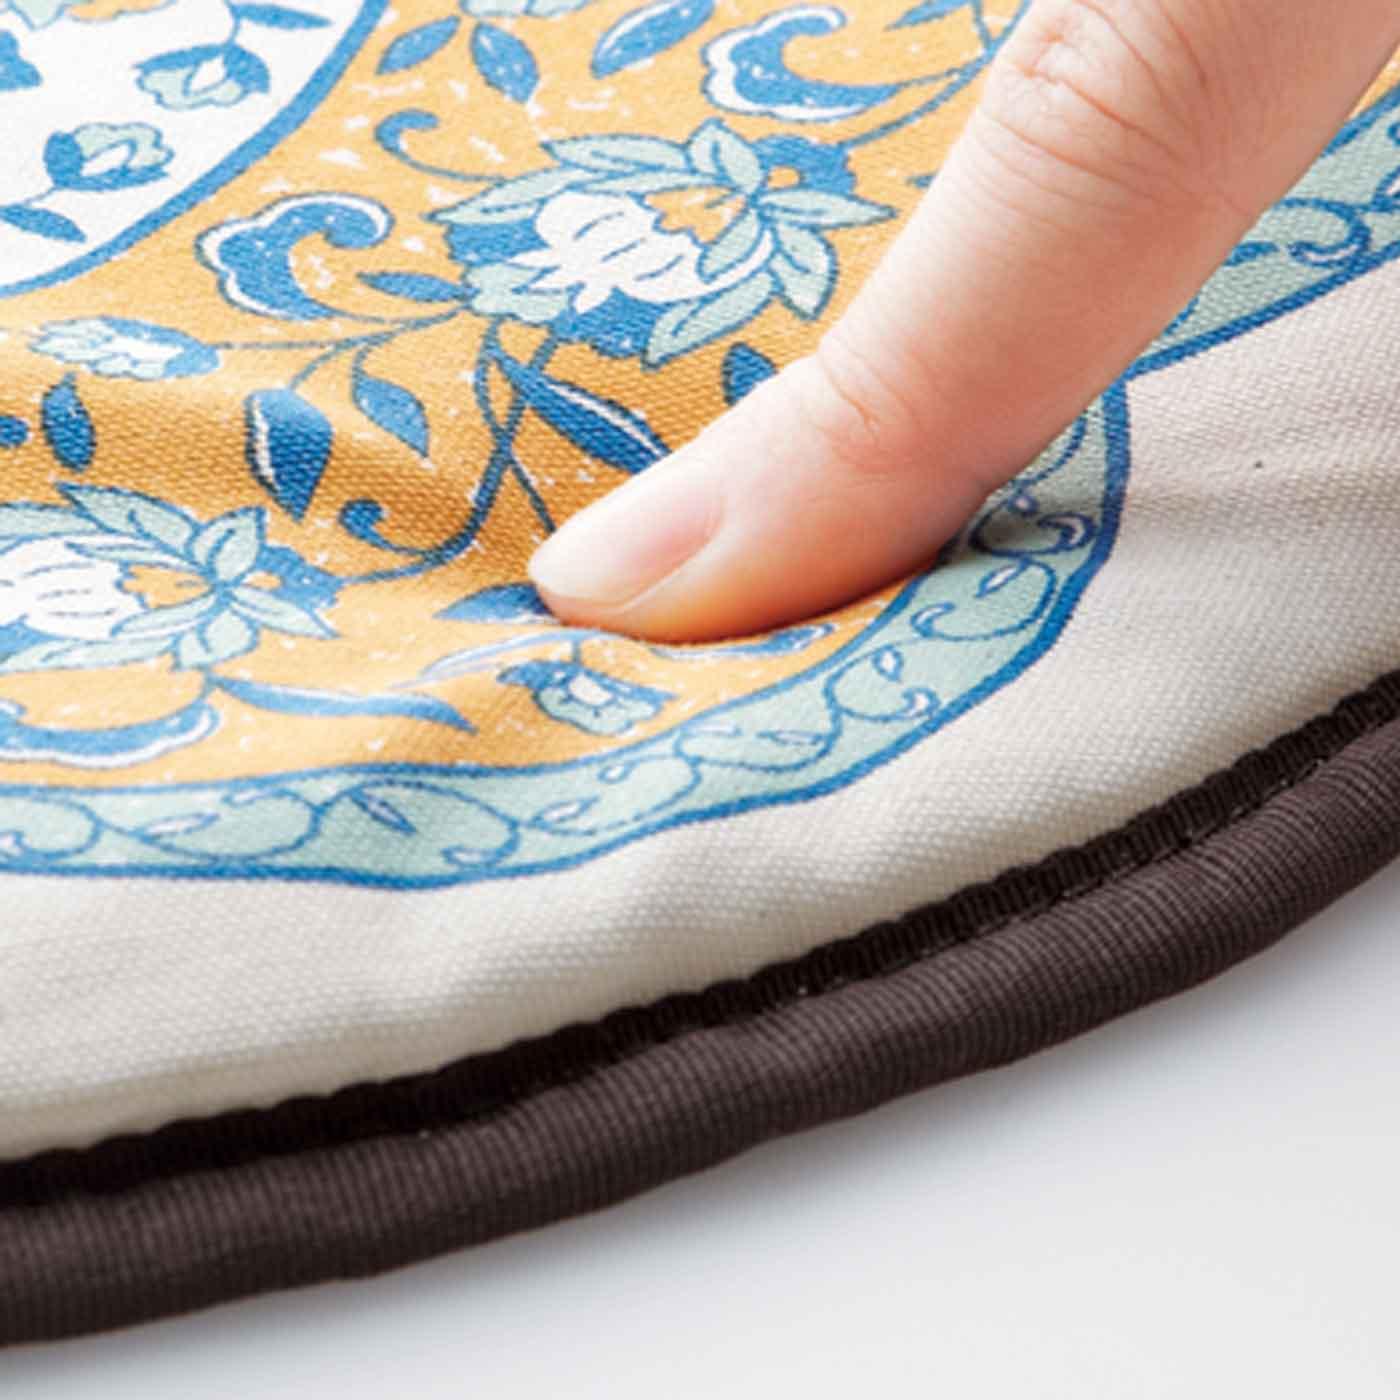 肌ざわりのよい綿100%素材に、厚さ約1cmの低反発クッションを入れて。